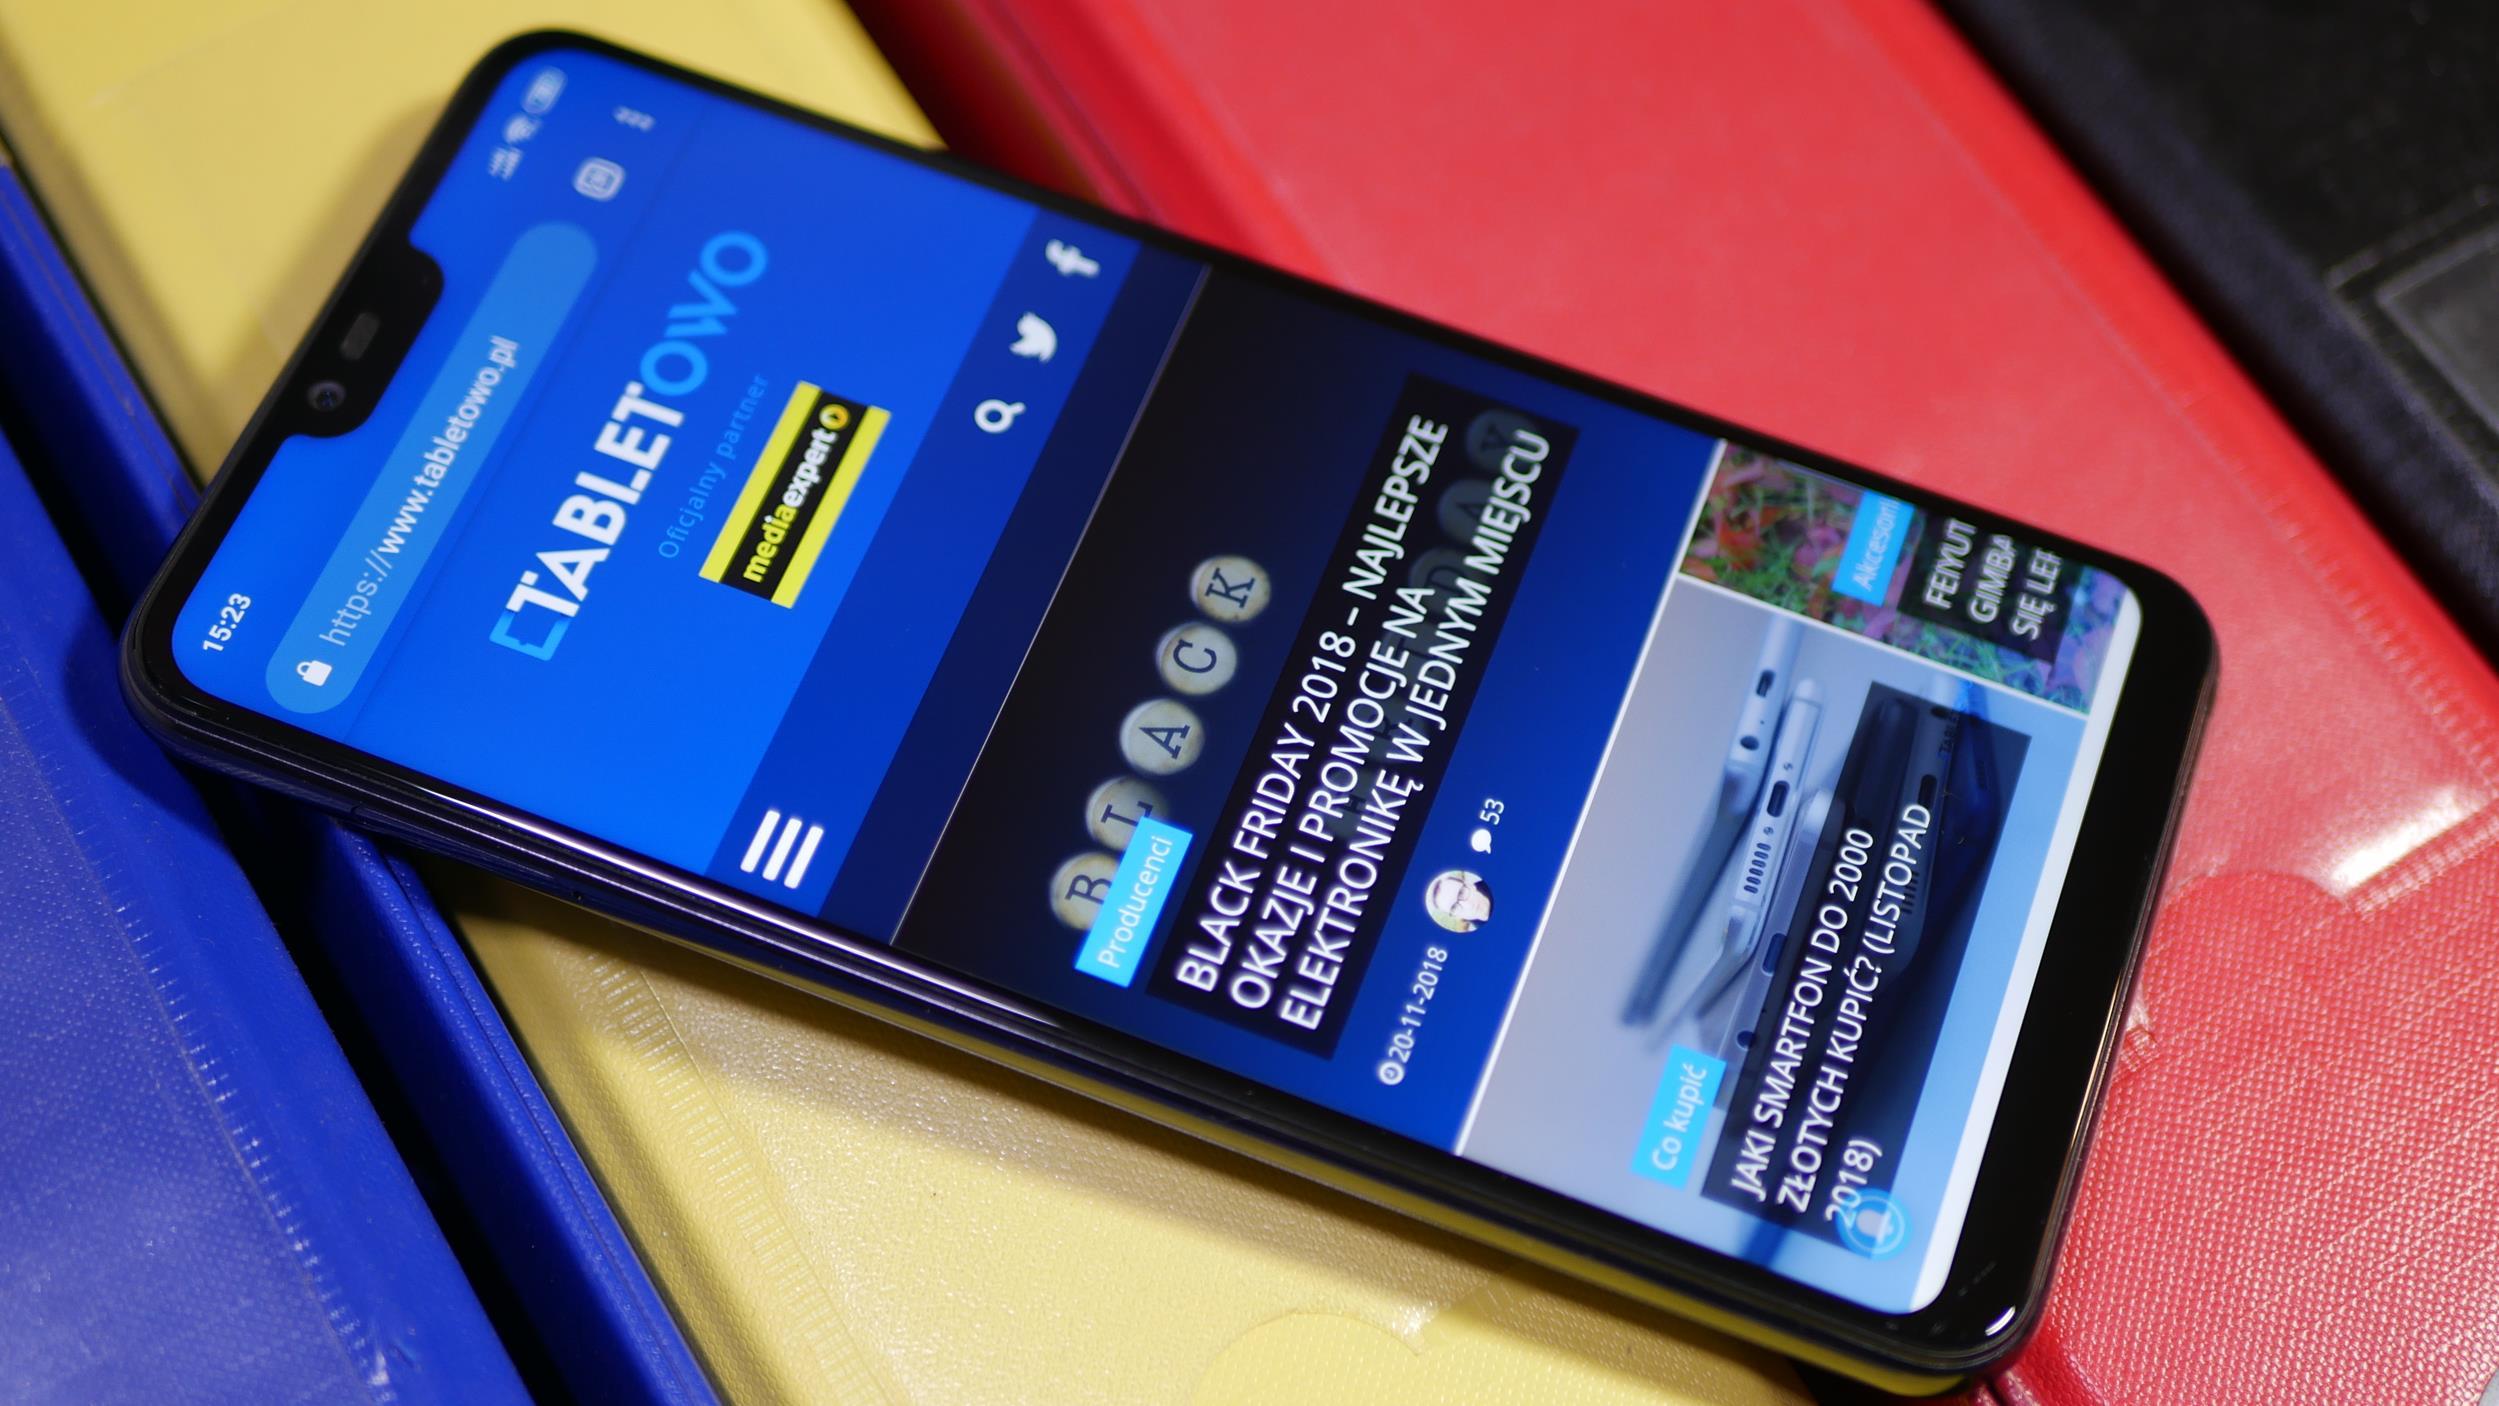 Promocja na smartfony Xiaomi: w najniższych cenach na rynku Mi 8, Mi 8 Lite i Redmi Note 5 22